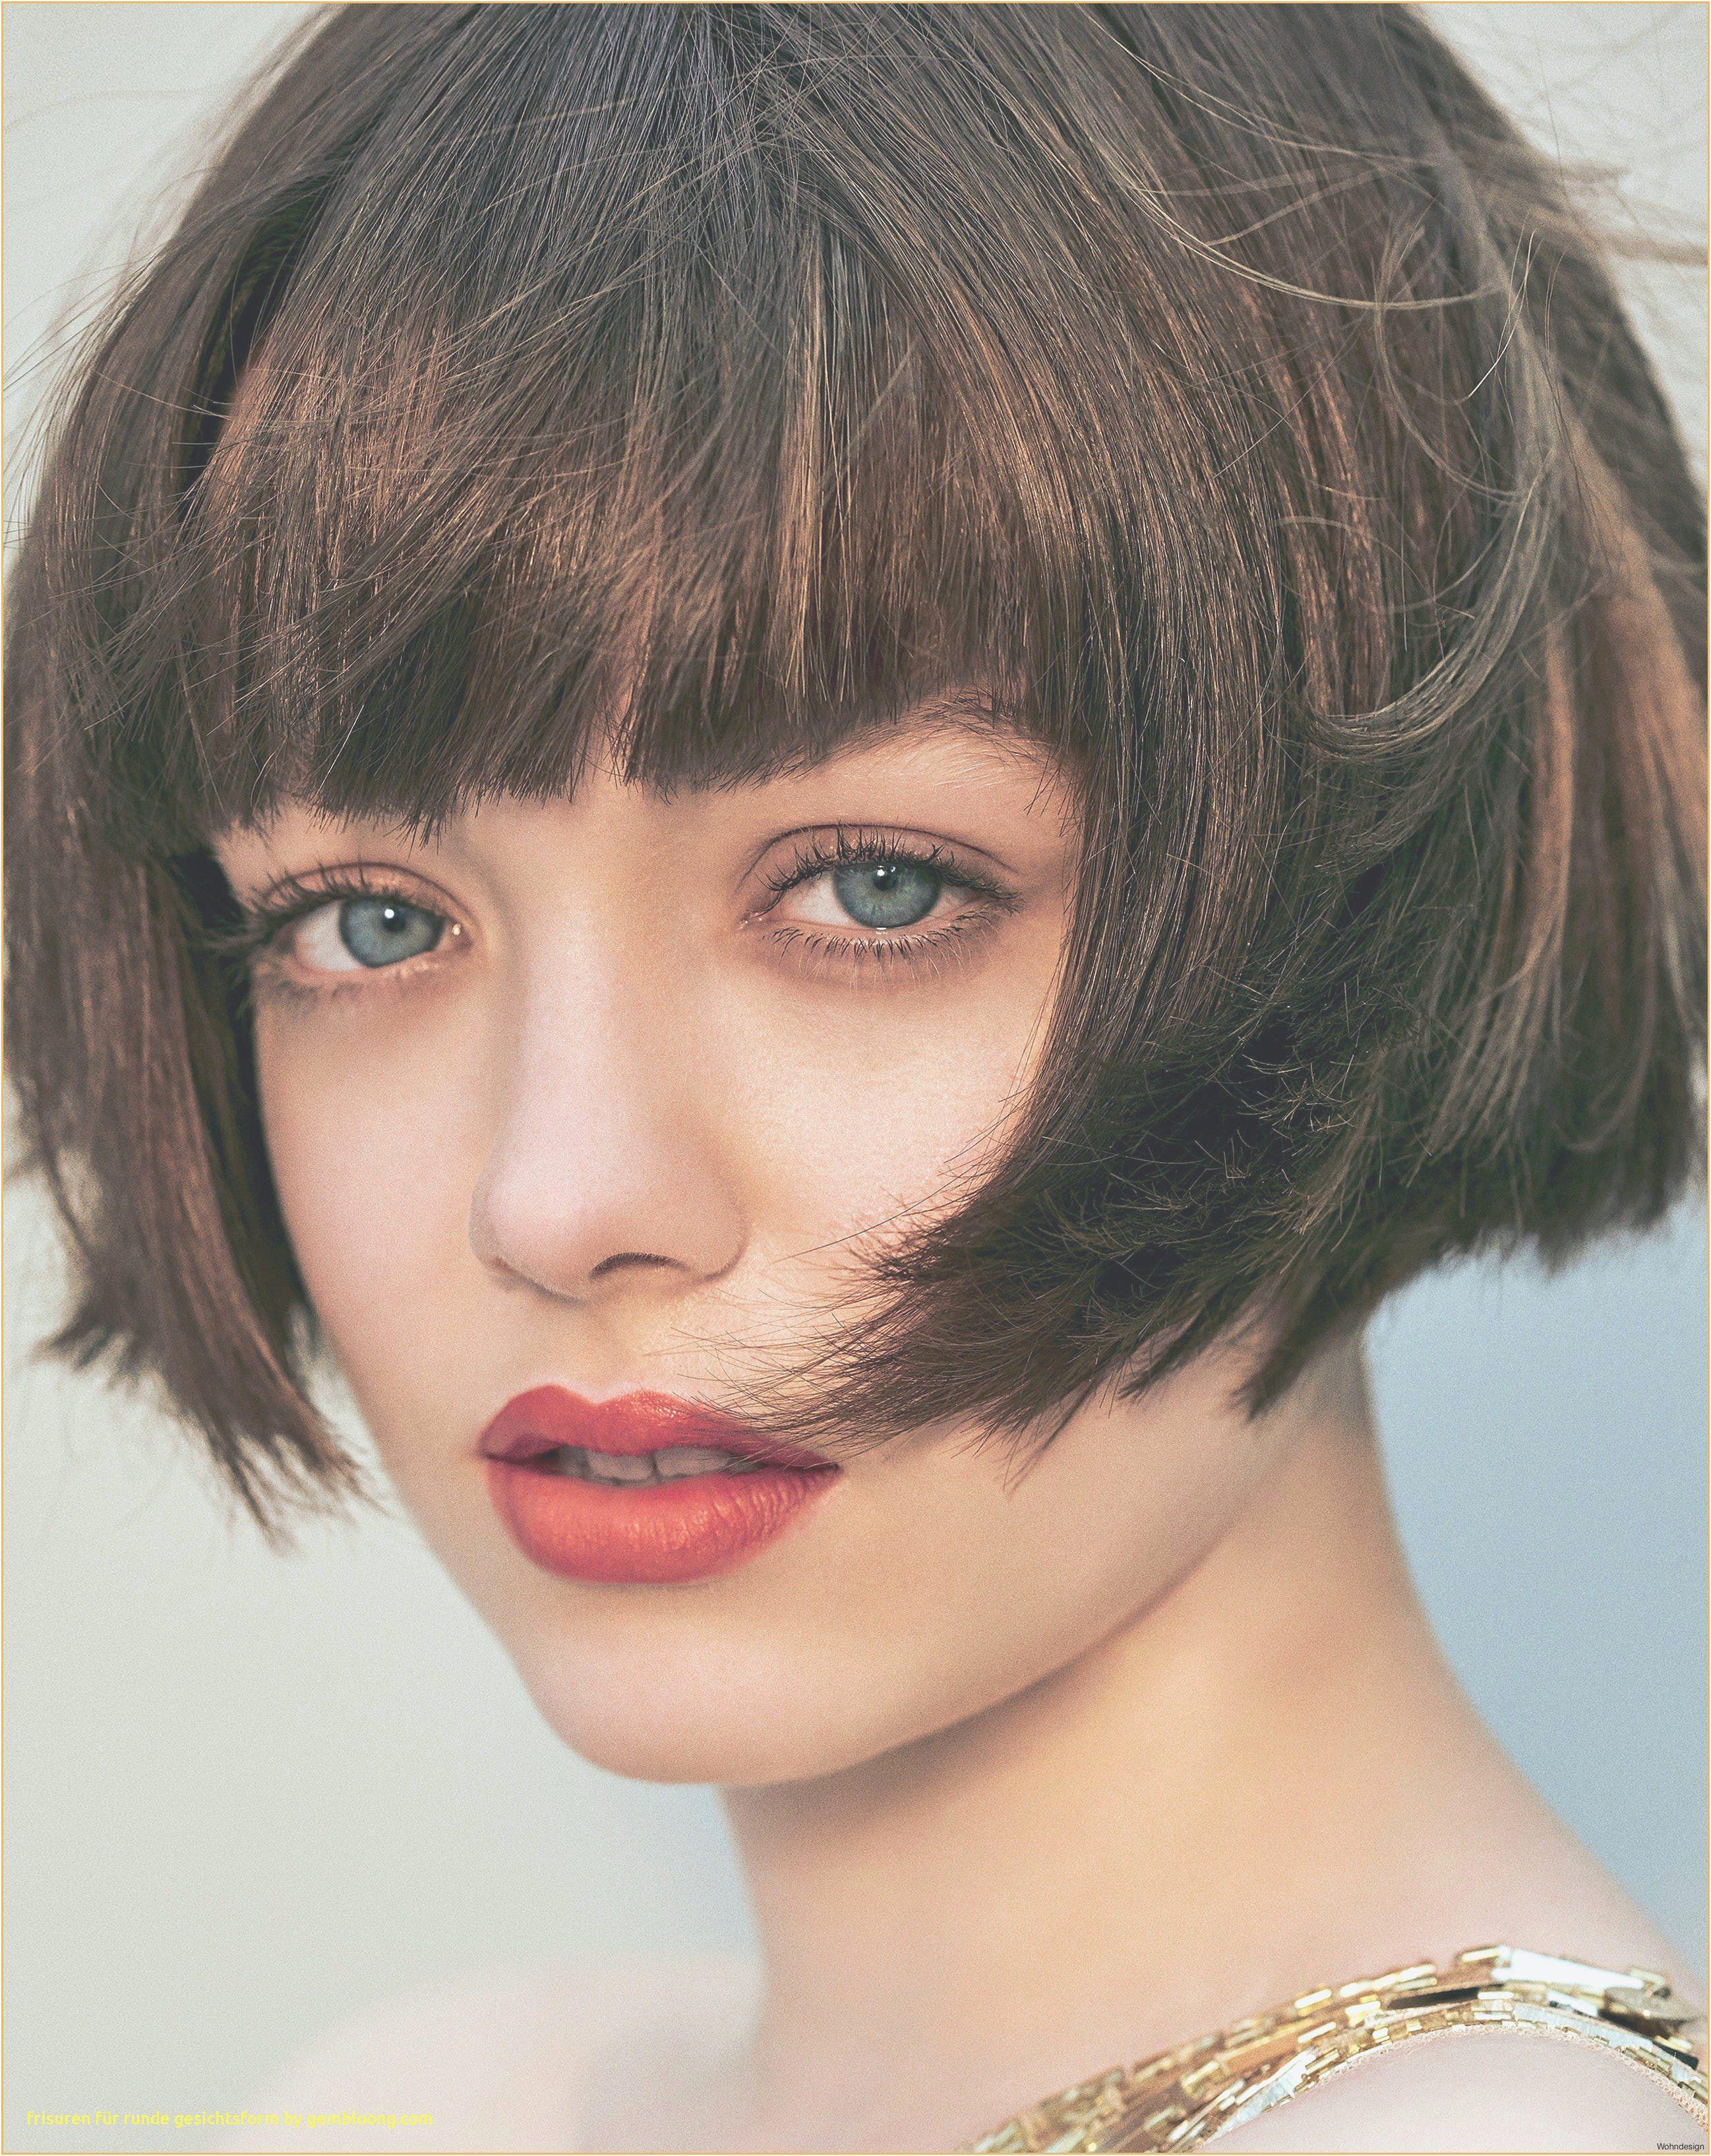 Frisuren Die Junger Machen Ab 40 Vorher Nachher In 2020 Kurzhaarfrisuren Frisuren Ab 50 Vorher Nachher Kurzhaarfrisuren Dunnes Haar